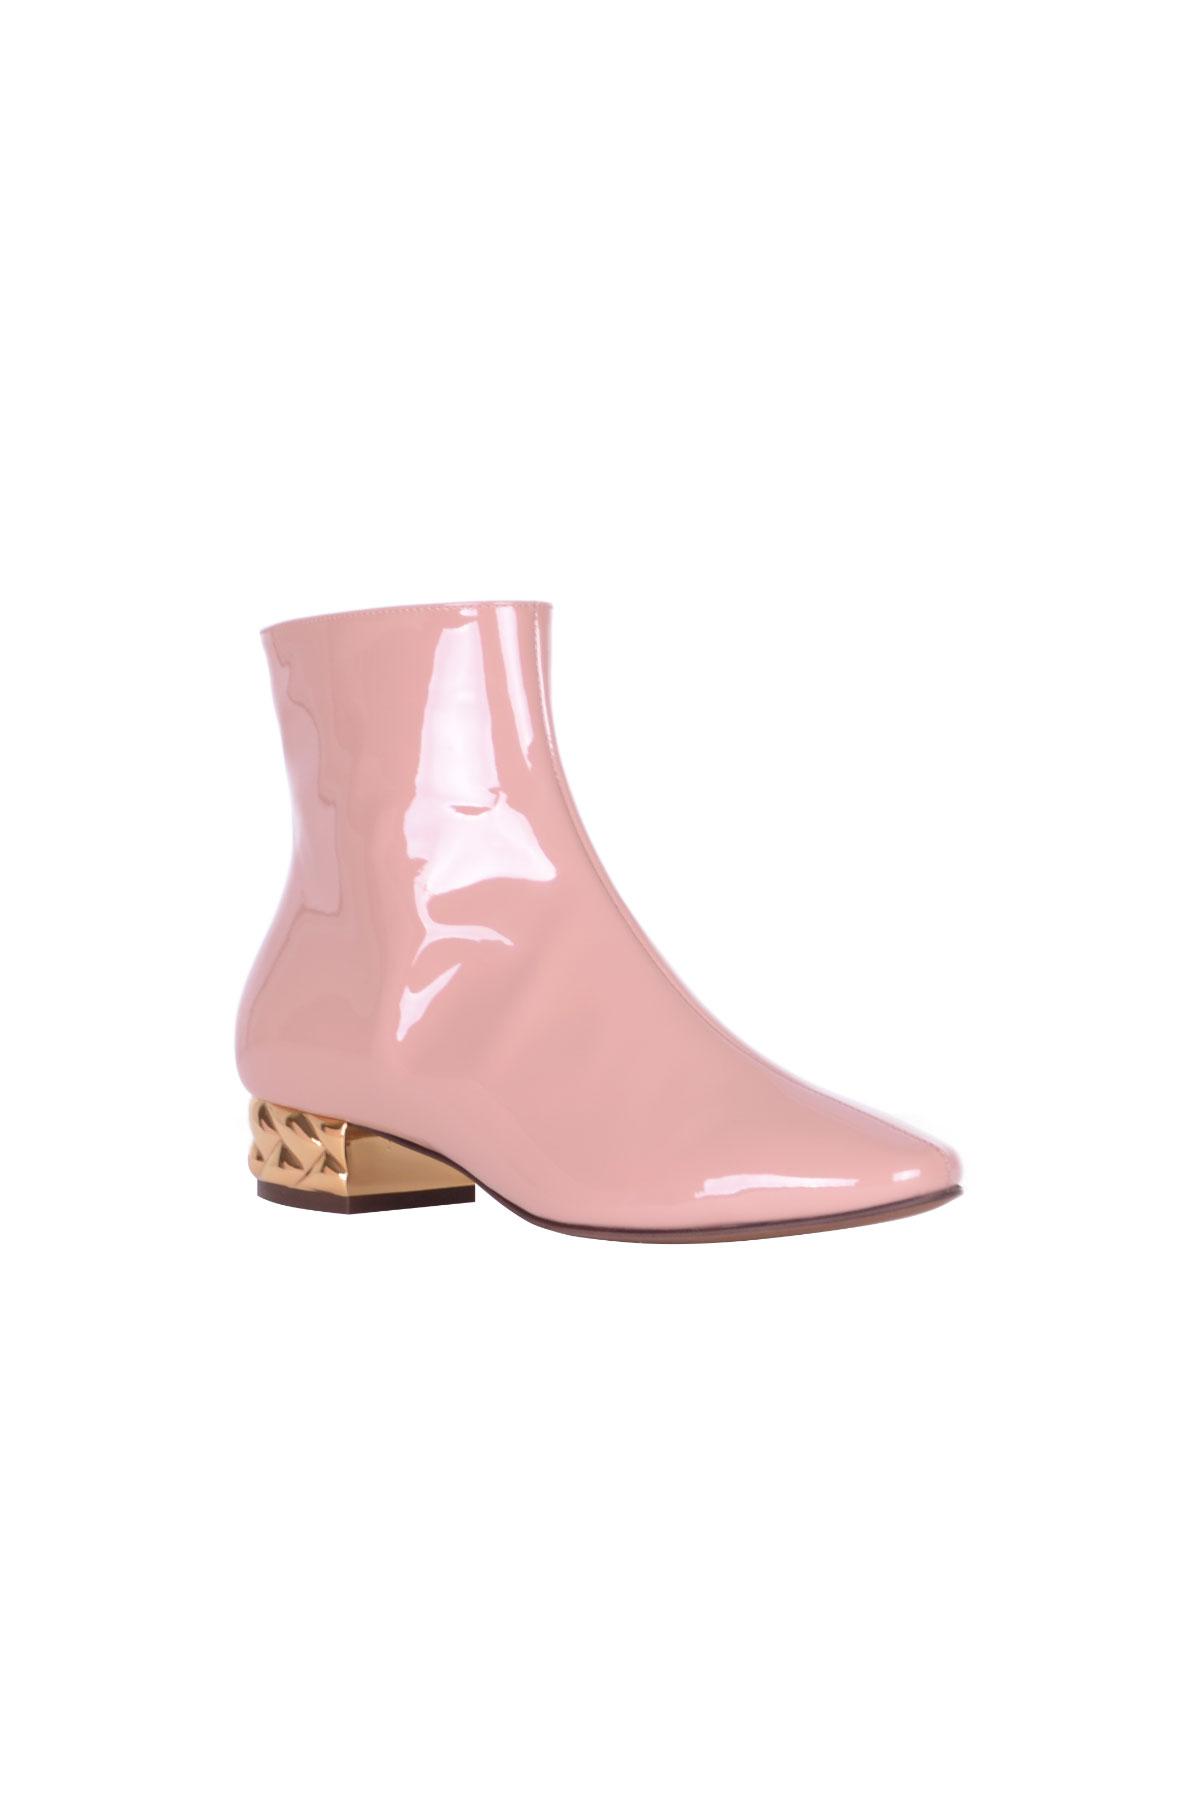 BOOTS IN PAINT L'AUTRE-CHOSE | Ankle Boots | LDF06125WB00418018rosa